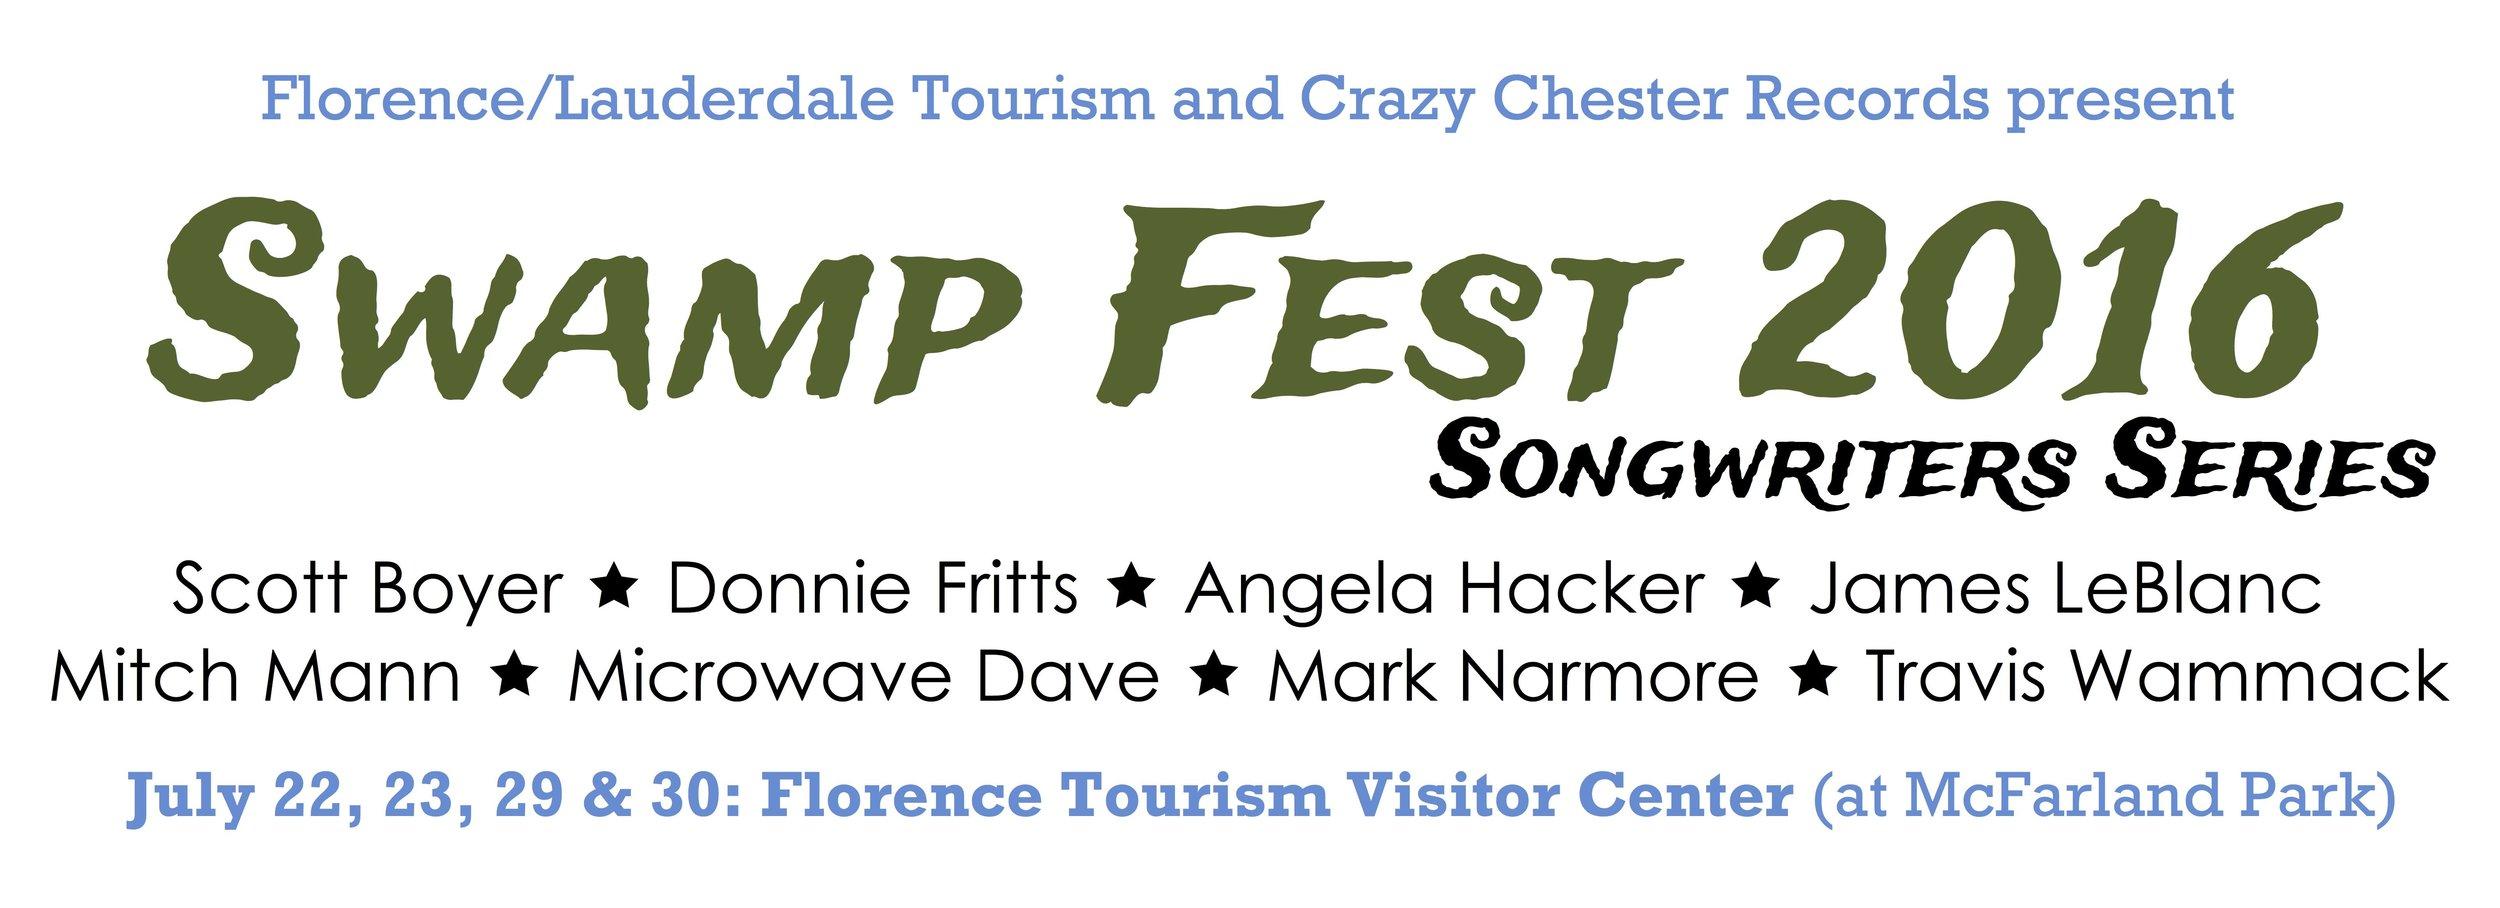 swamp-fest-2016-flyer